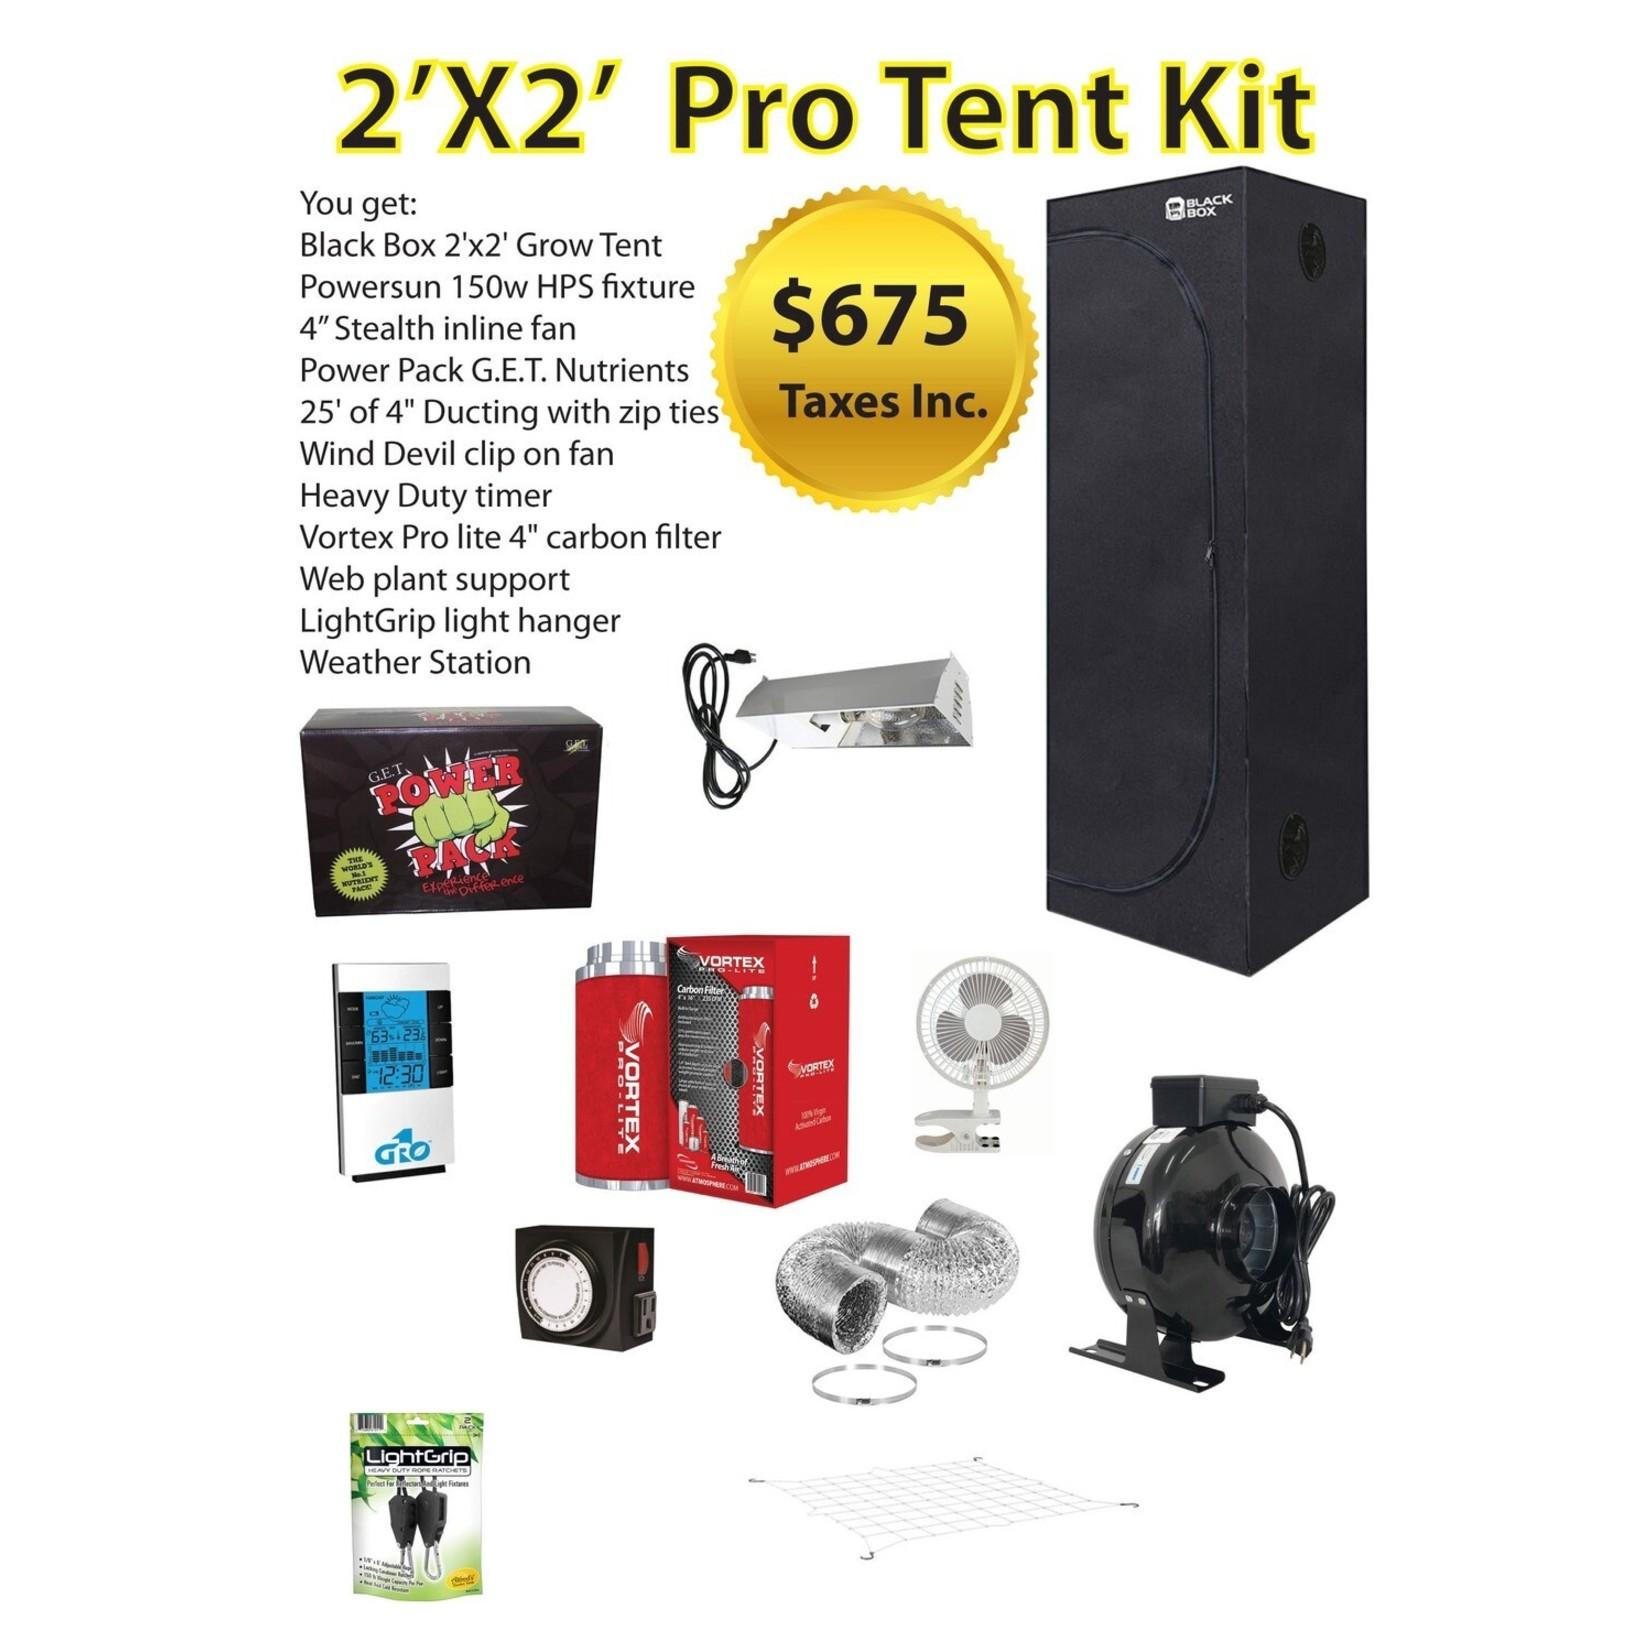 2X2 Pro Tent Kit